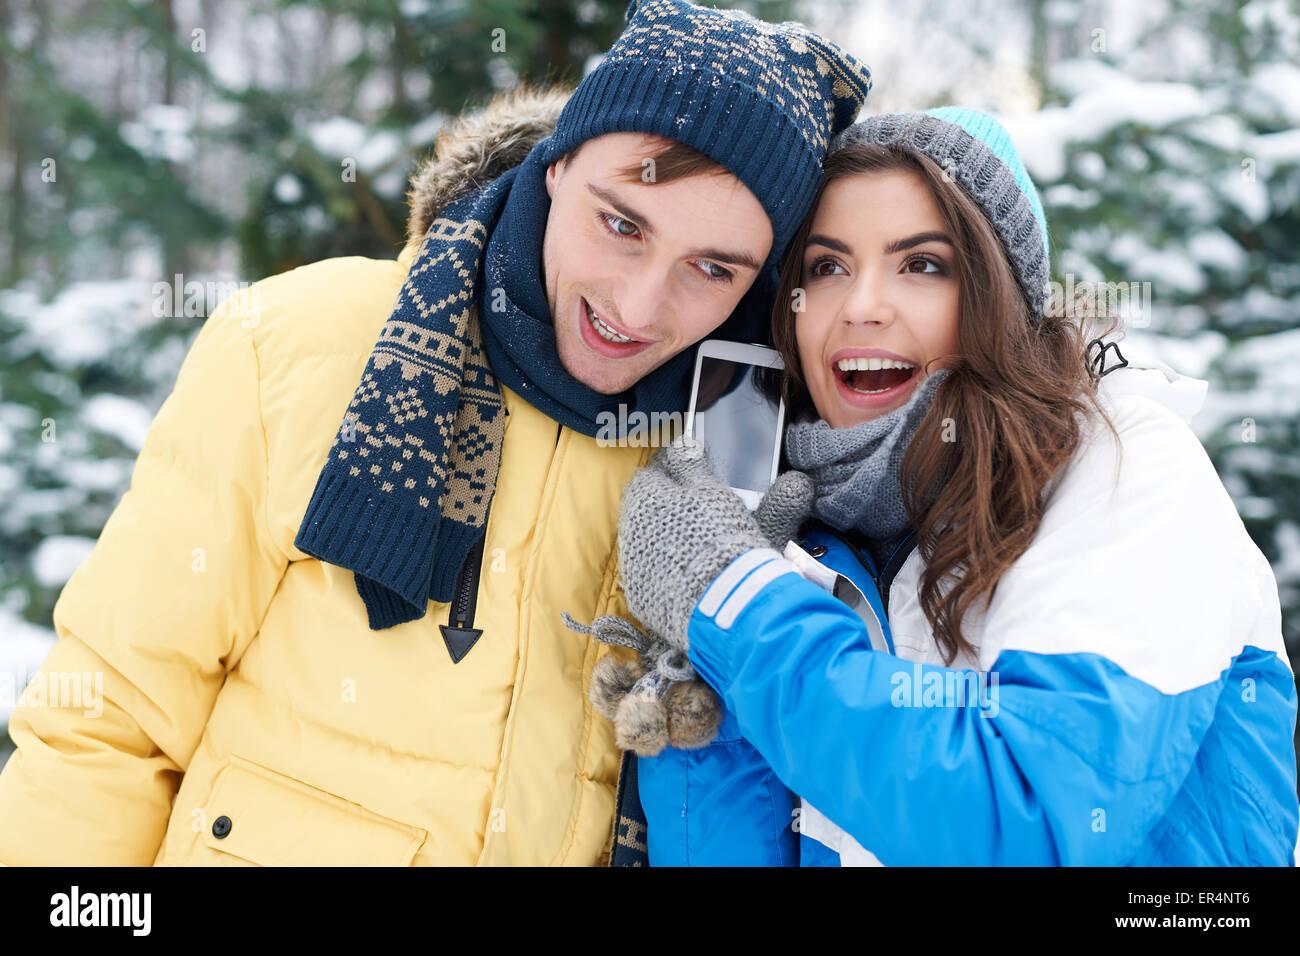 Herzliche Grüße von Winterurlaub. Debica, Polen Stockbild